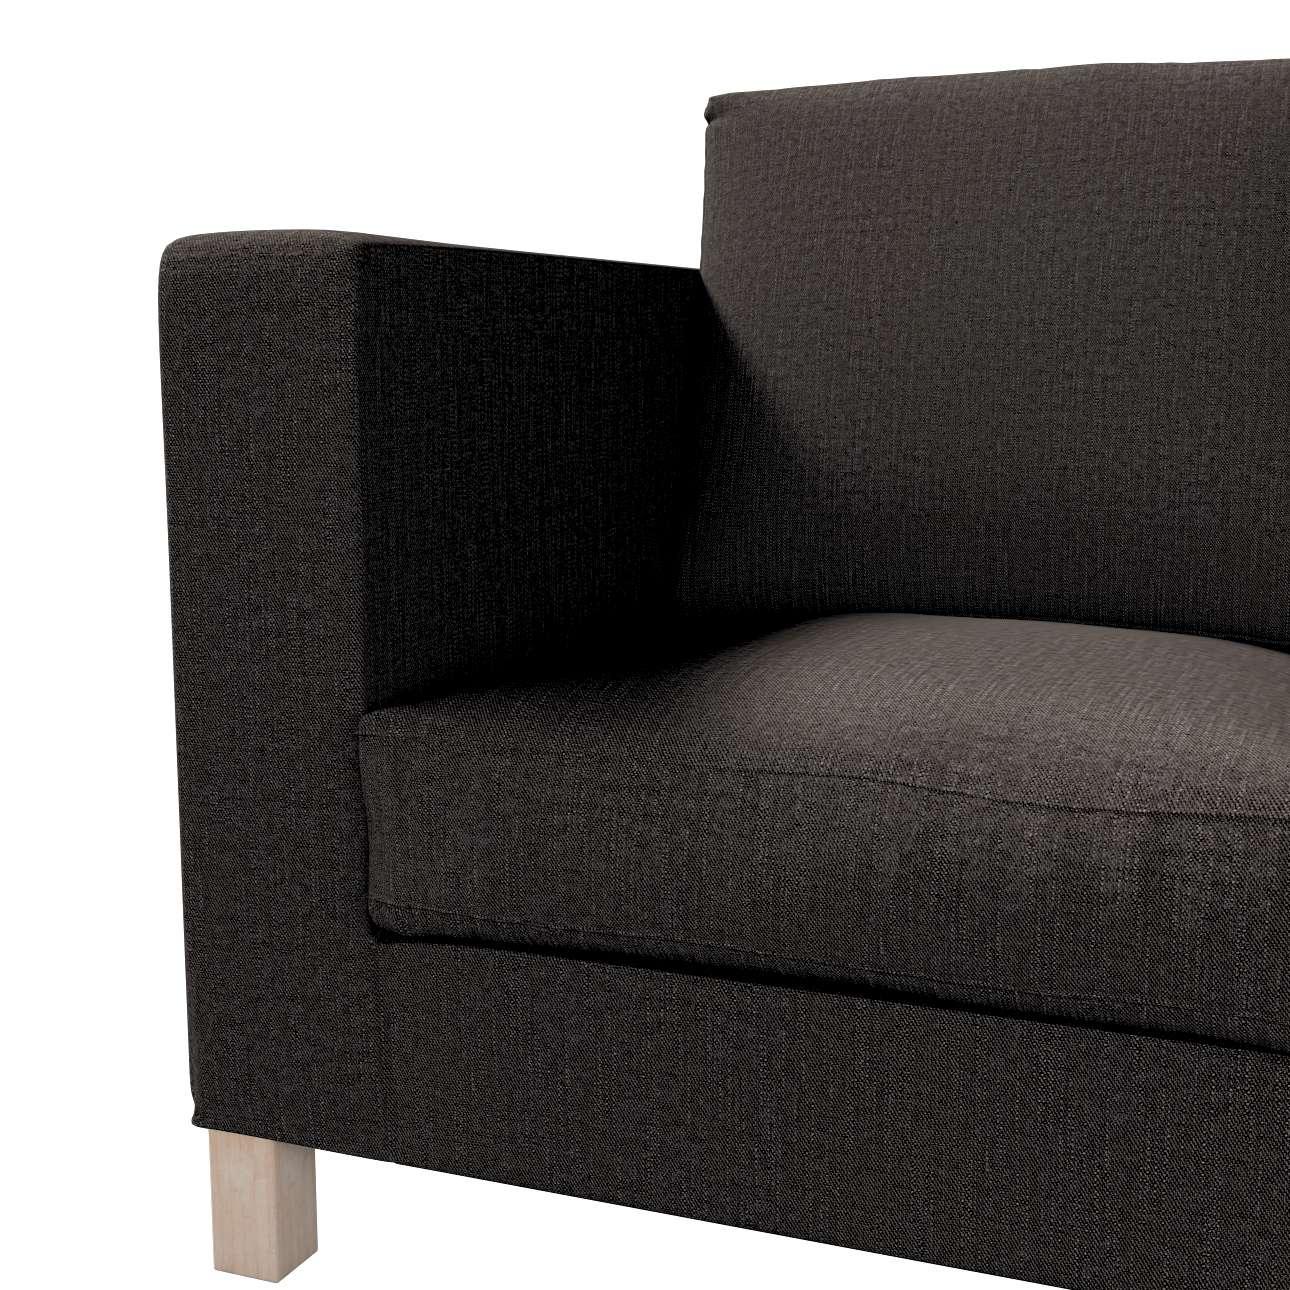 Bezug für Karlanda 3-Sitzer Sofa nicht ausklappbar, kurz von der Kollektion Etna, Stoff: 702-36